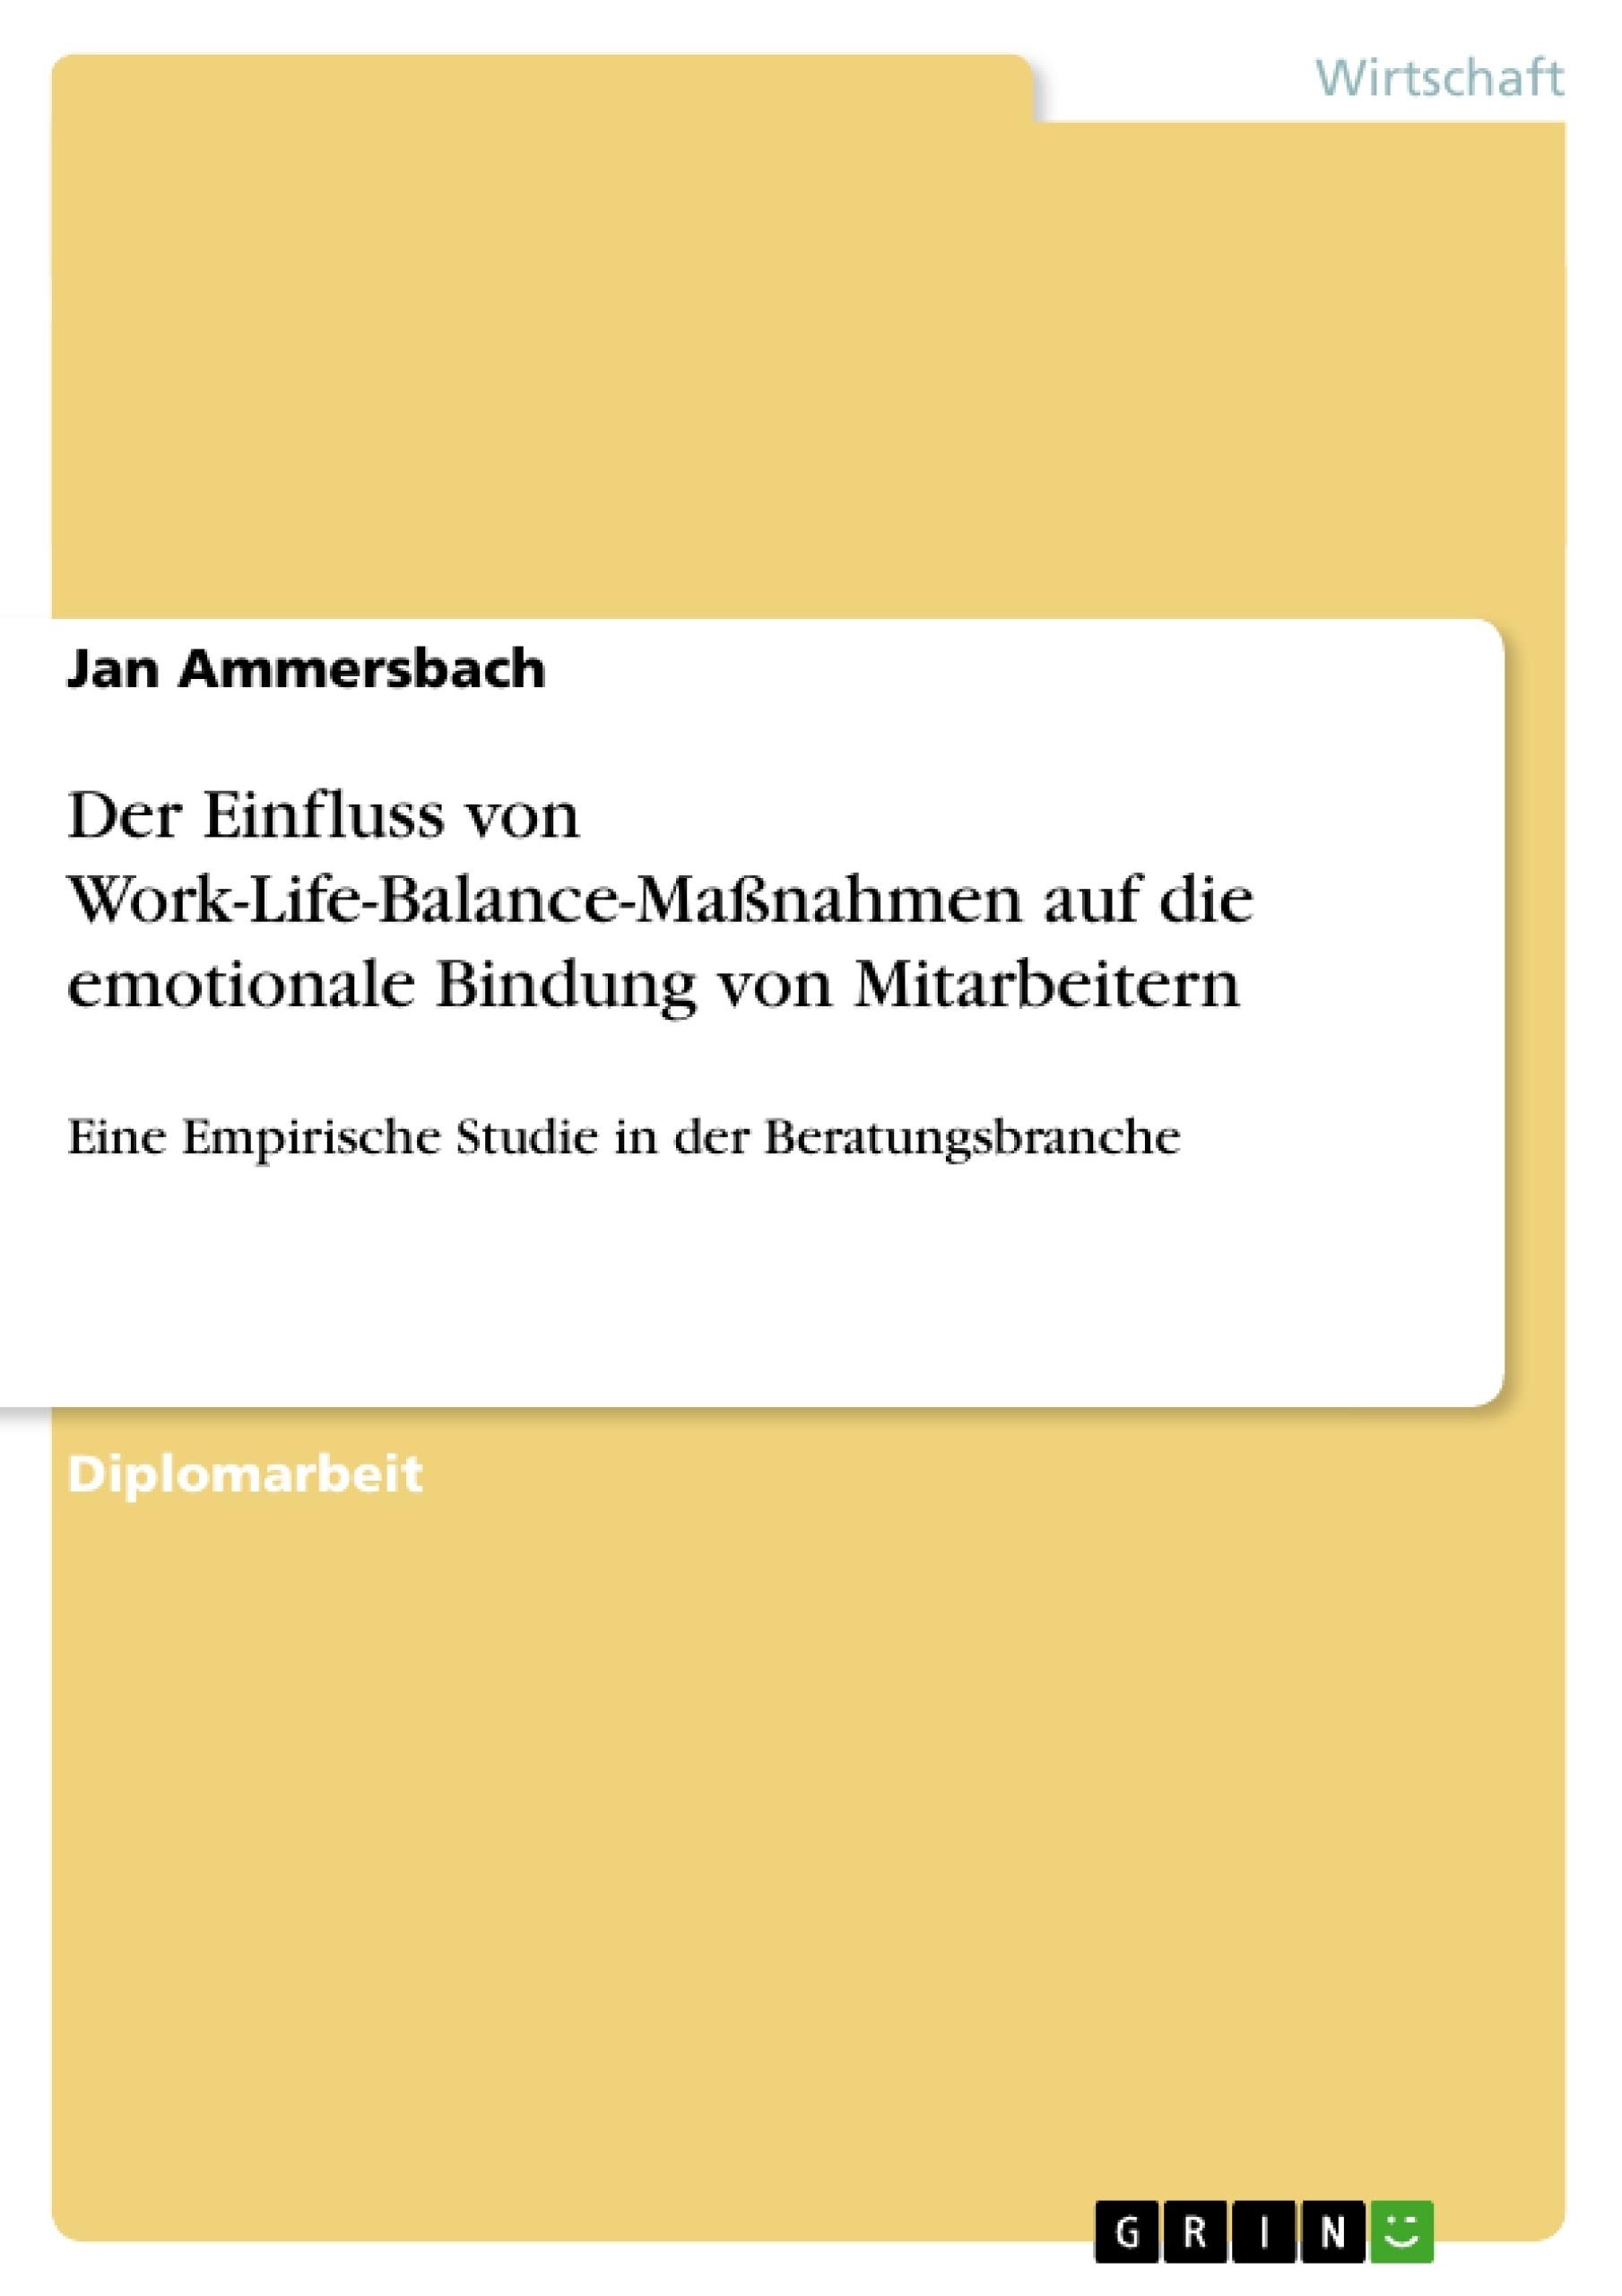 Titel: Der Einfluss von Work-Life-Balance-Maßnahmen auf die emotionale Bindung von Mitarbeitern